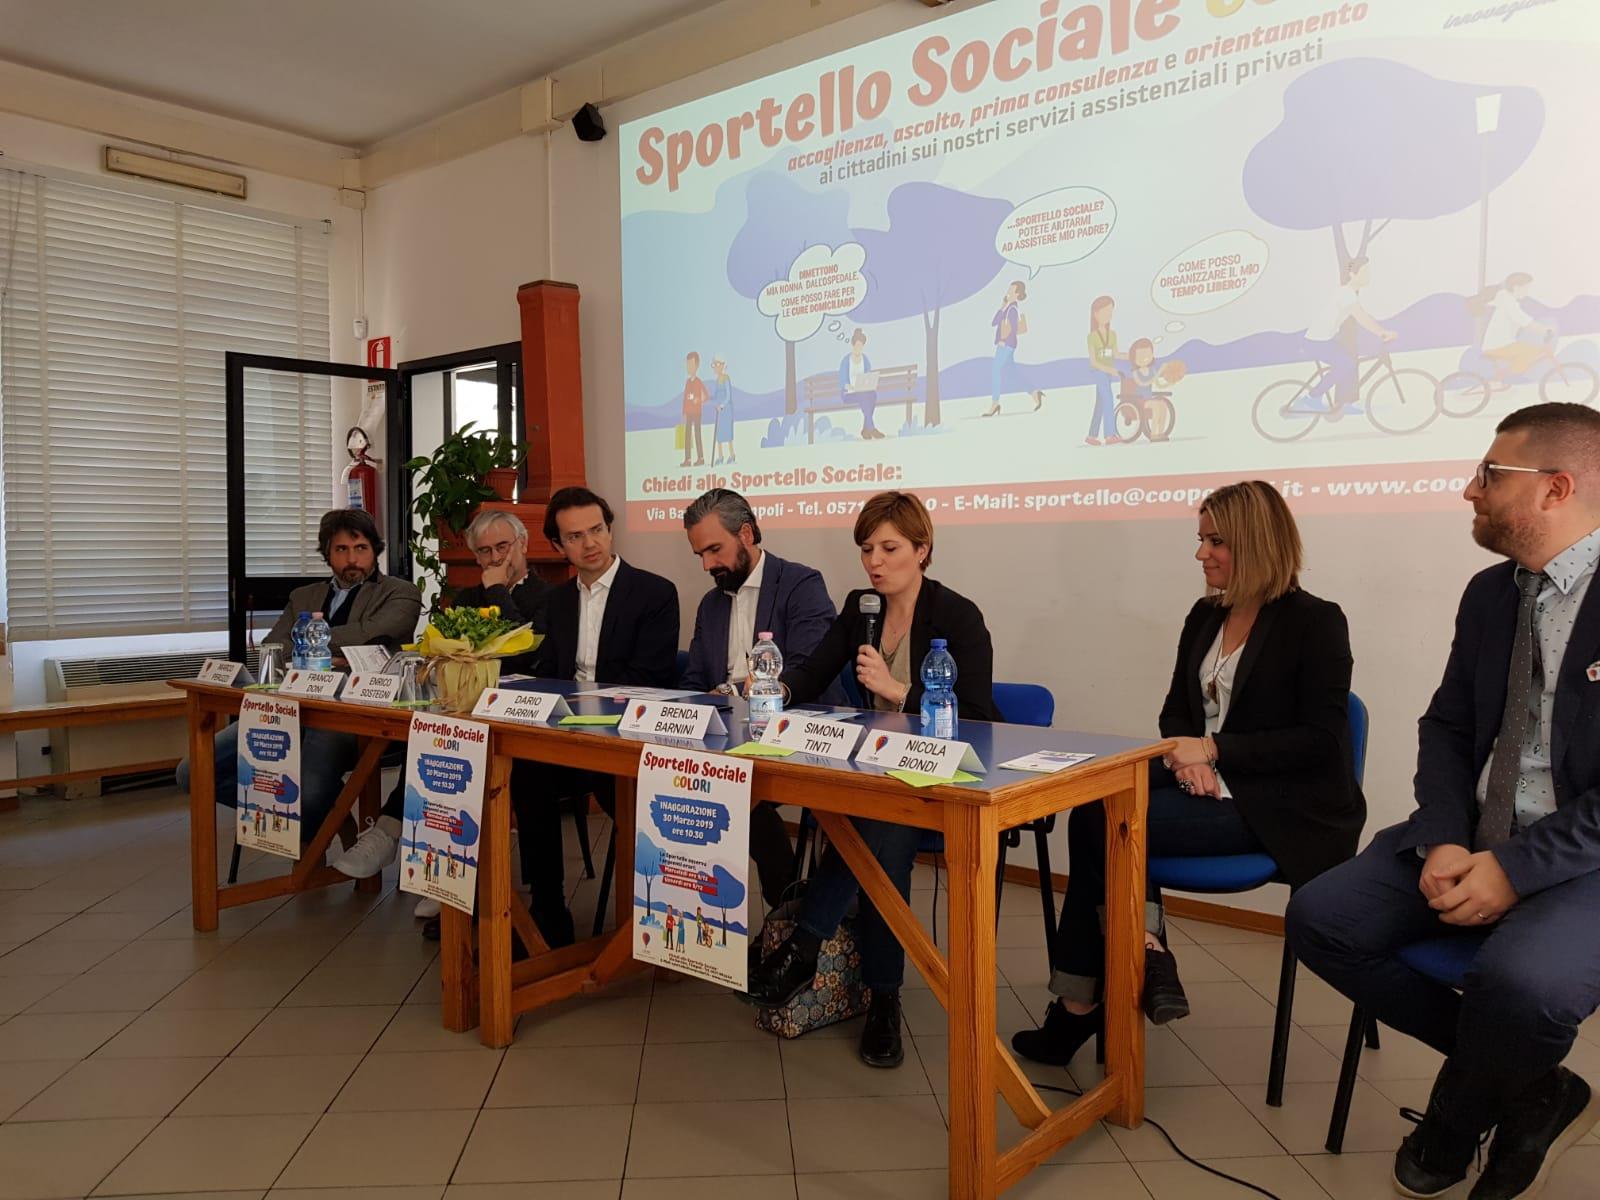 sportello_sociale_colori_1__2